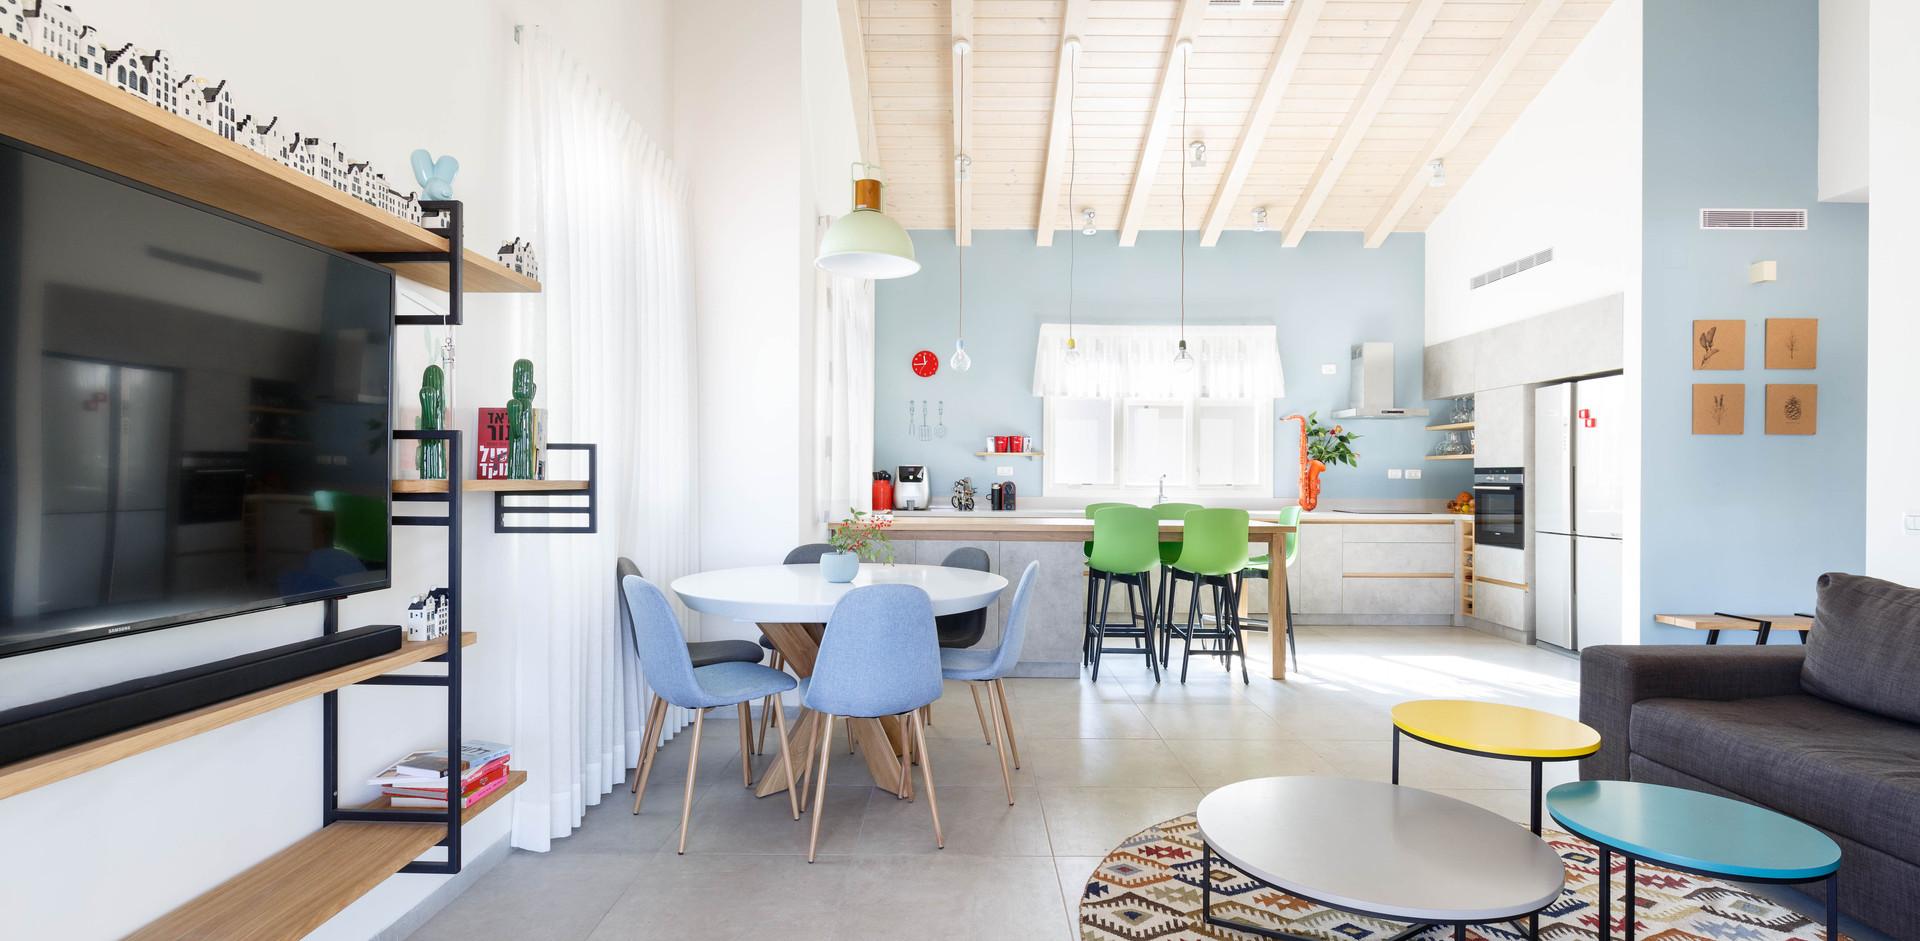 מבט מהסלון לכיוון המטבח